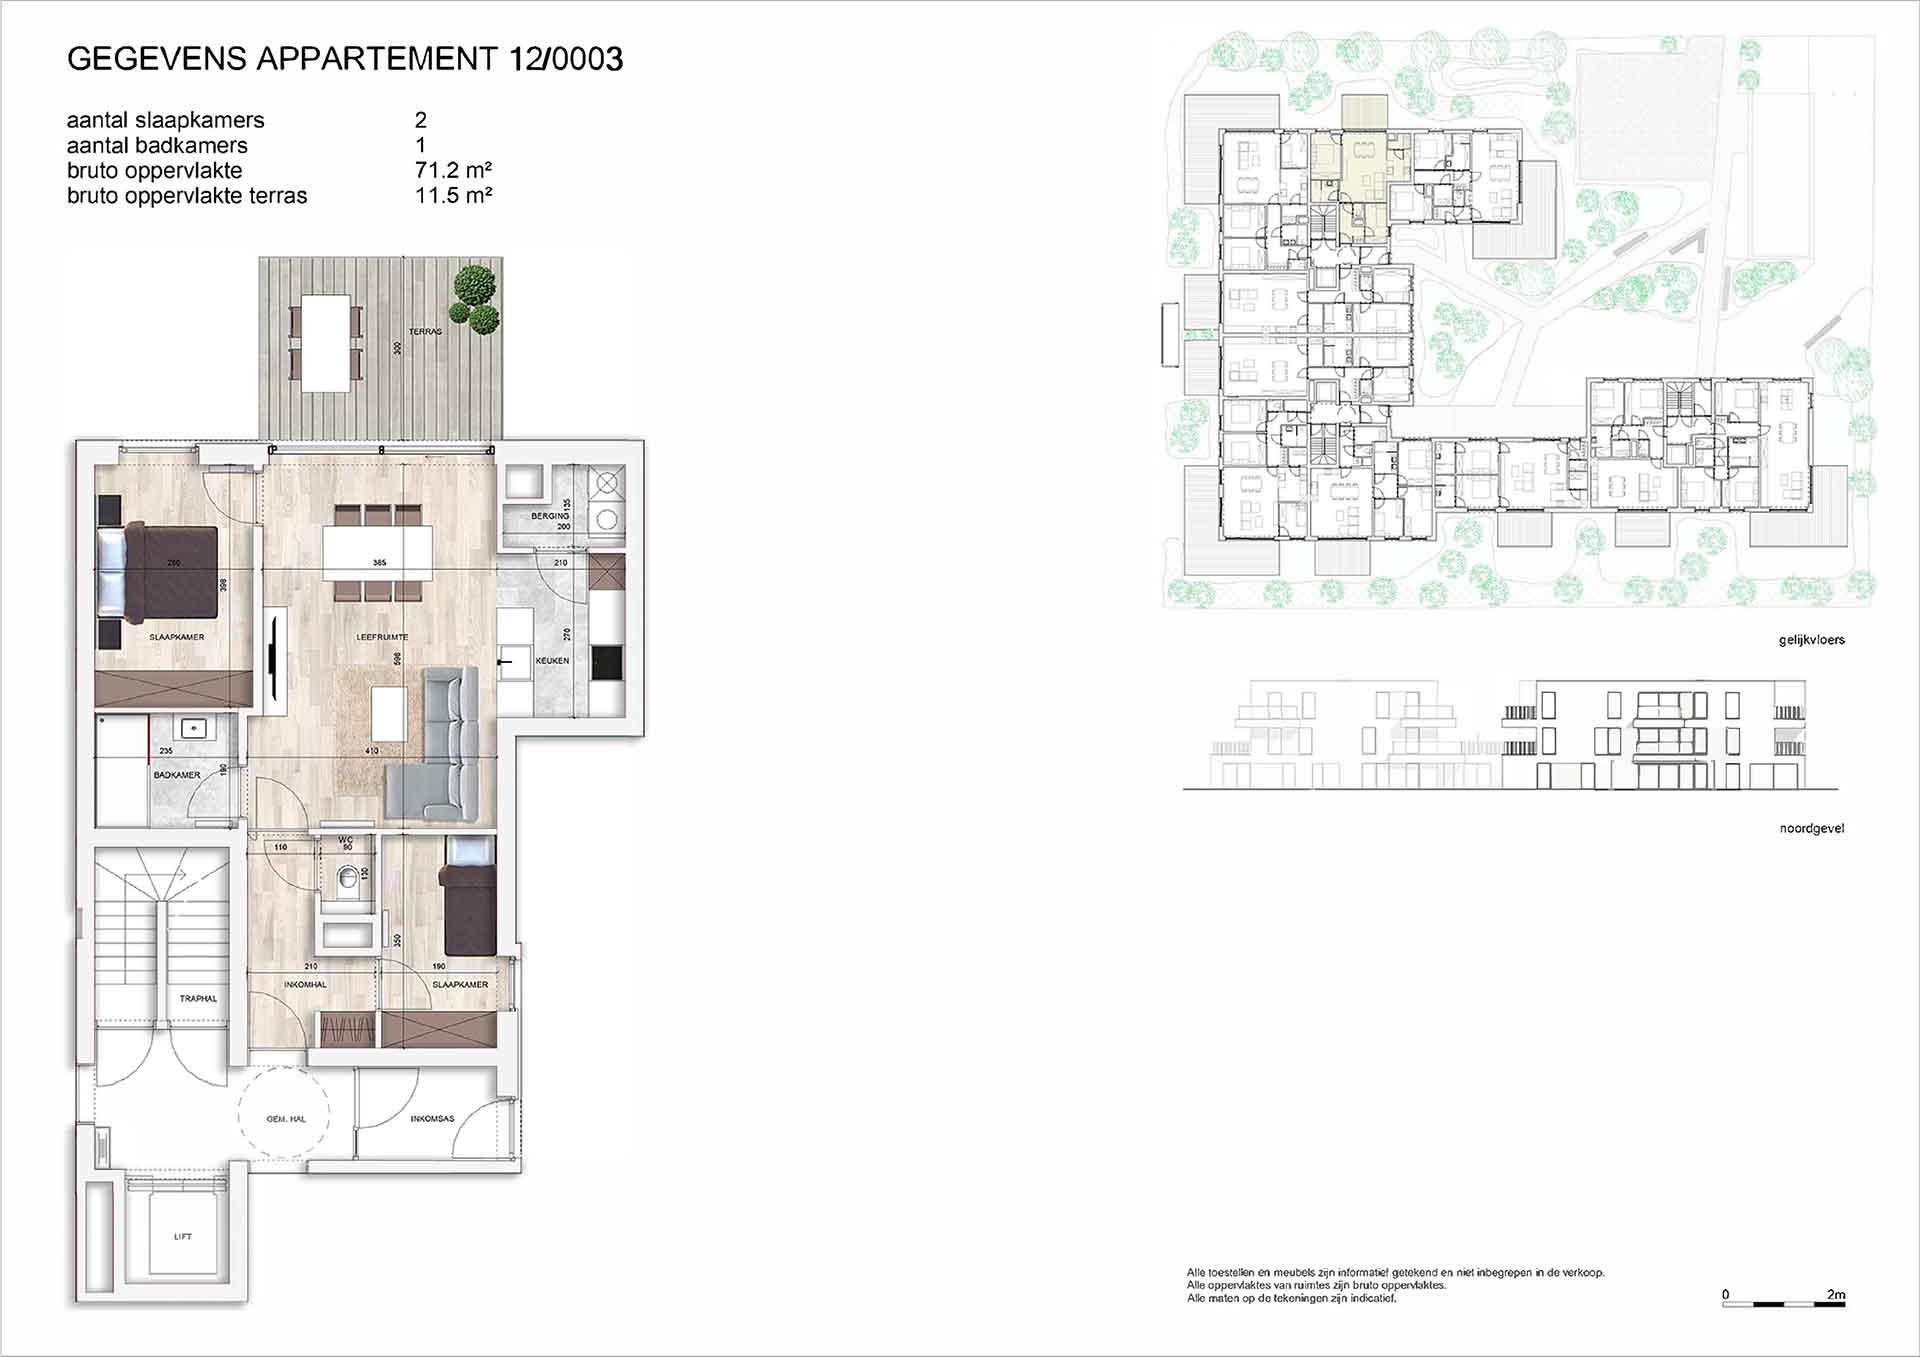 Villa<br/> Duchamp - image appartement-te-koop-nieuwpoort-villa-duchamp-120003 on https://hoprom.be